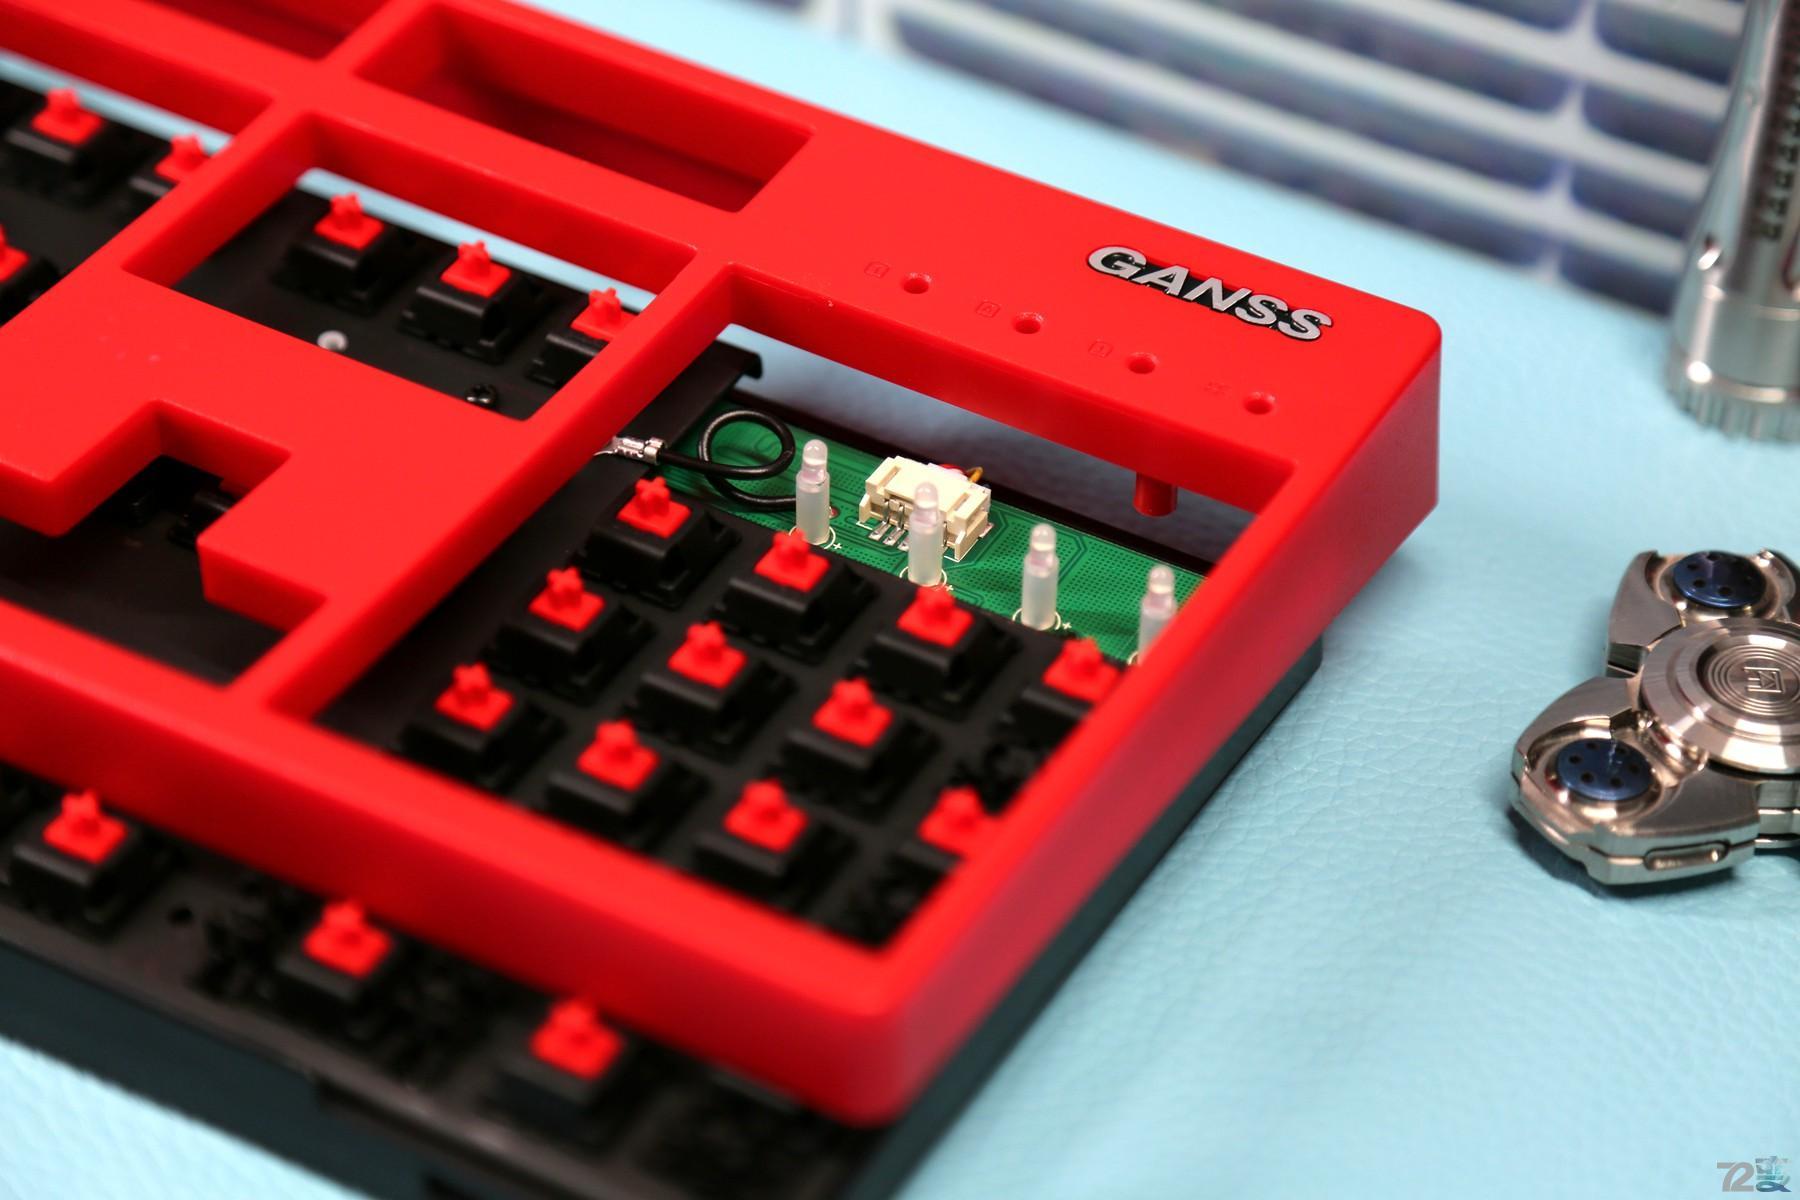 键盘连接线的5芯插口就设置在了指示灯的后面.